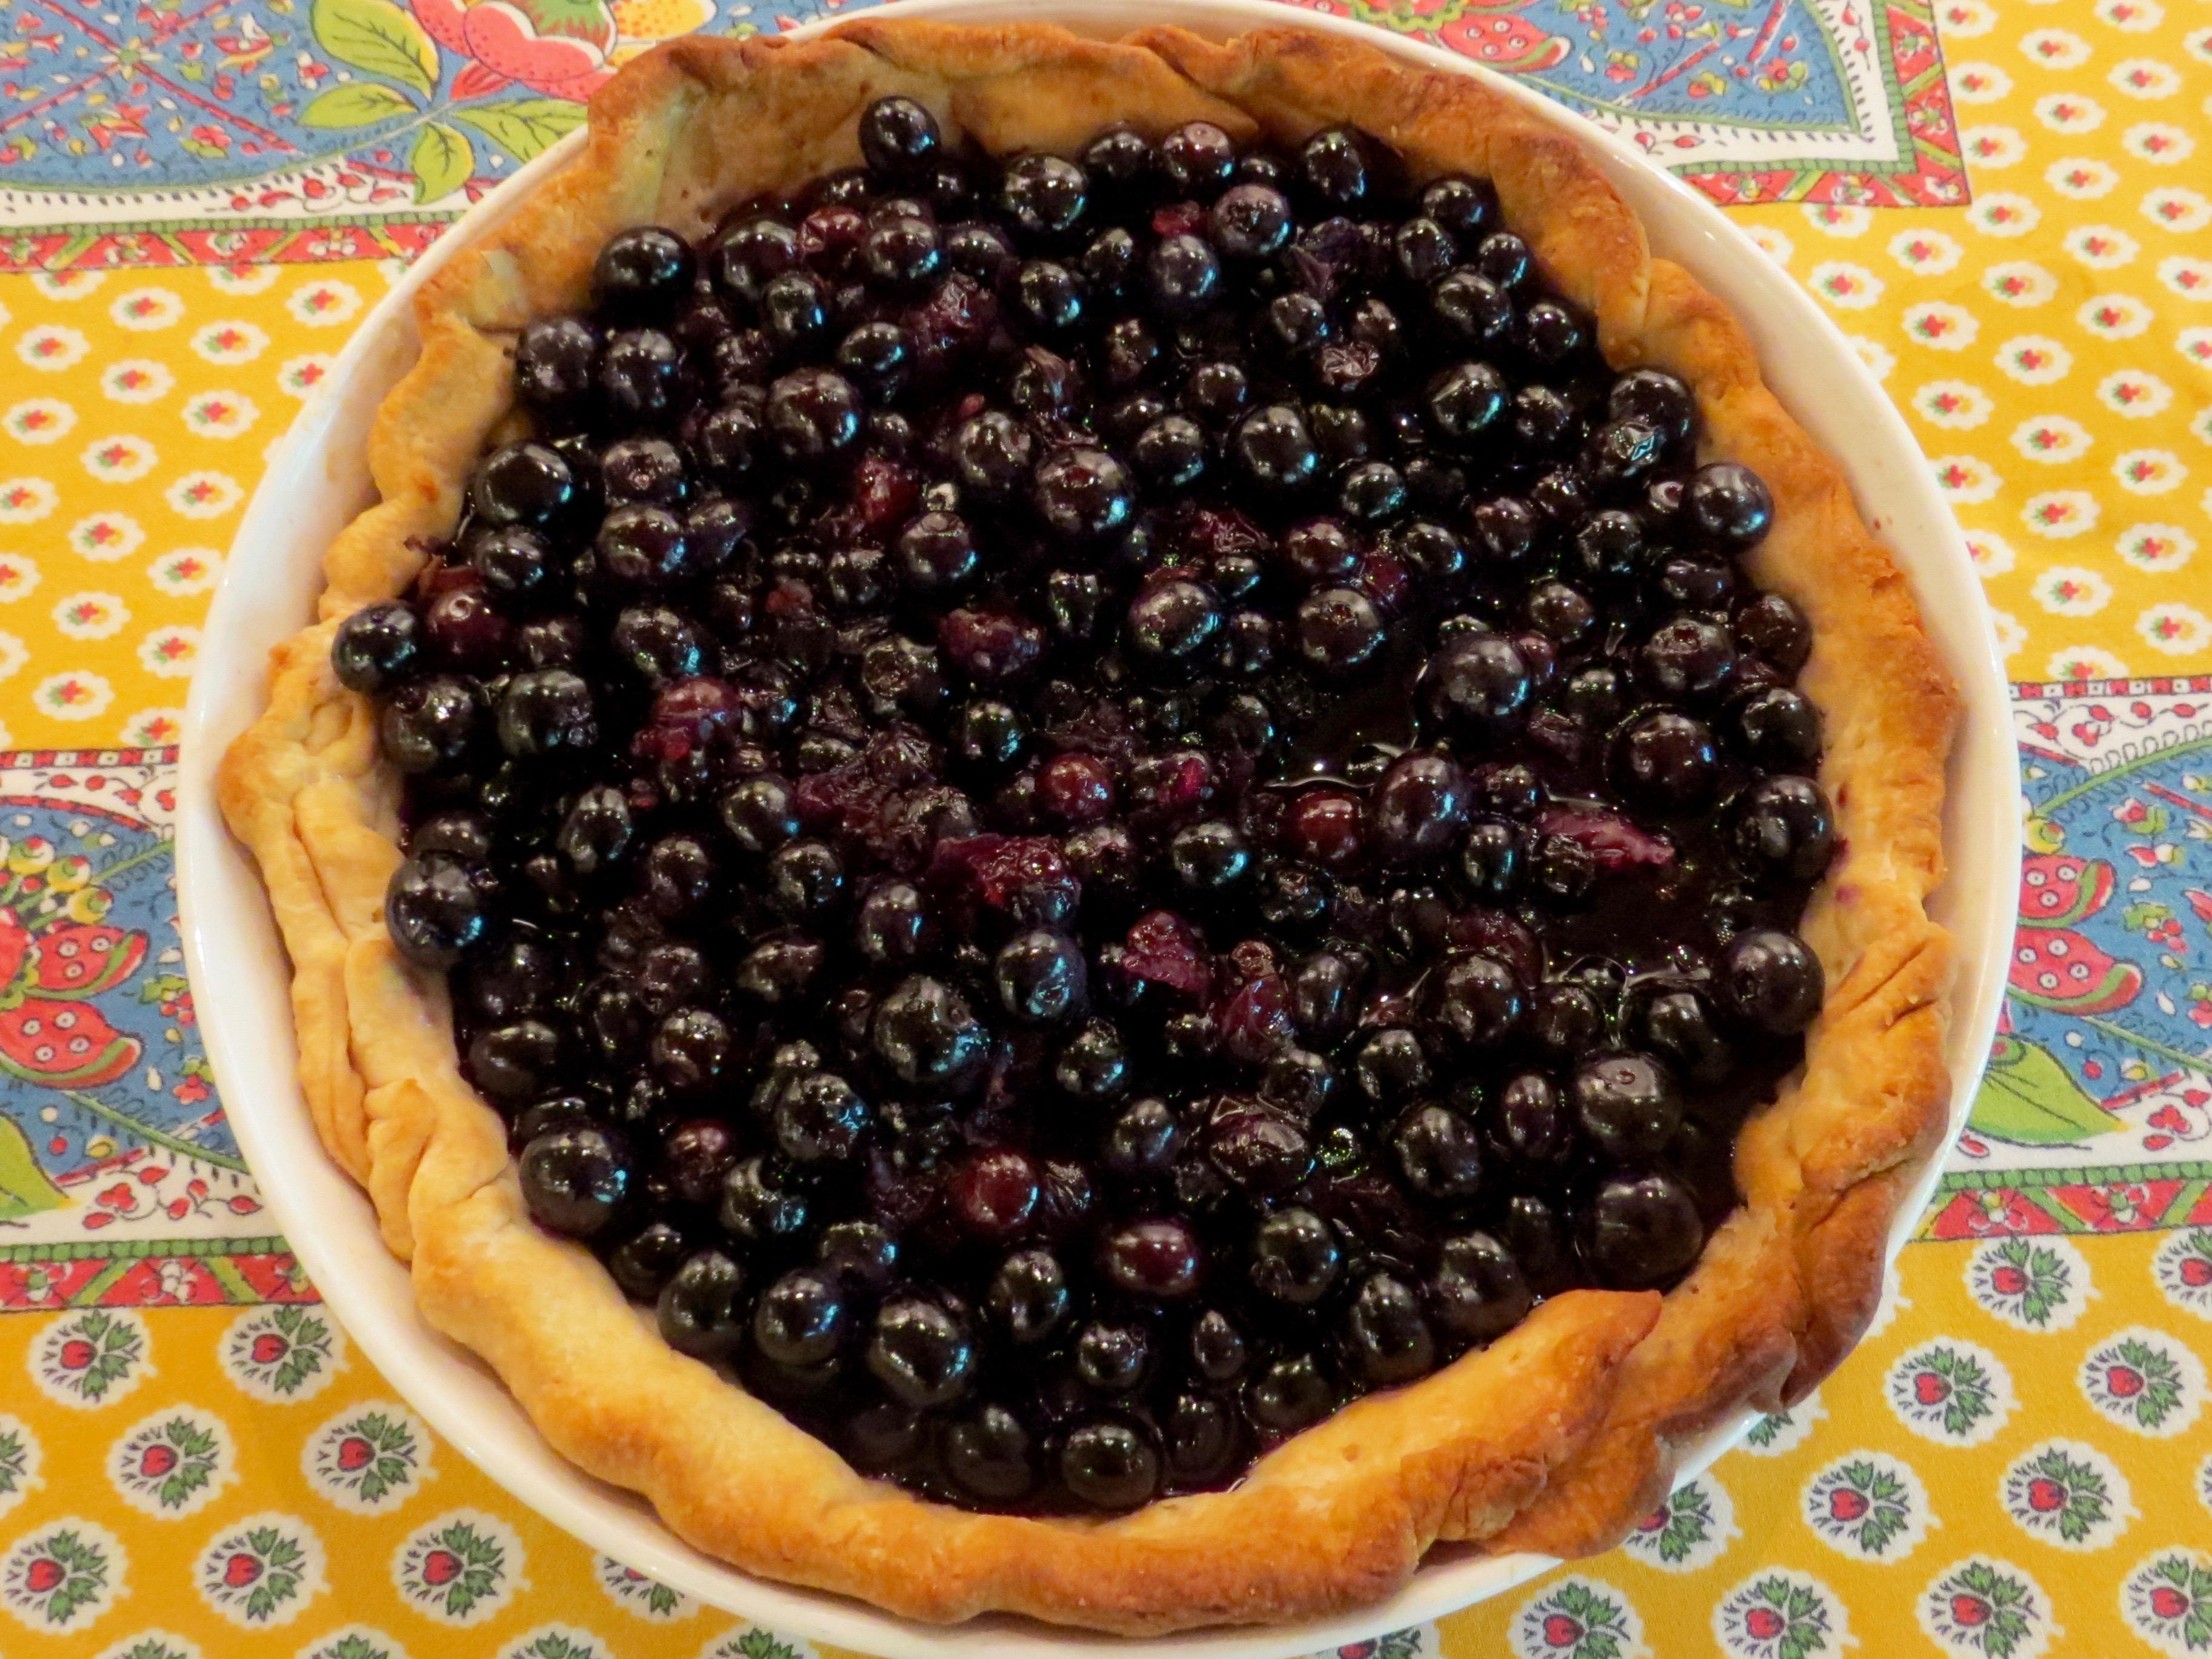 ROSE LEVY BERANBAUM'S FRESH BLUEBERRY PIE FEATURED IN FOOD 52's GENIUS RECIPES cookbook.